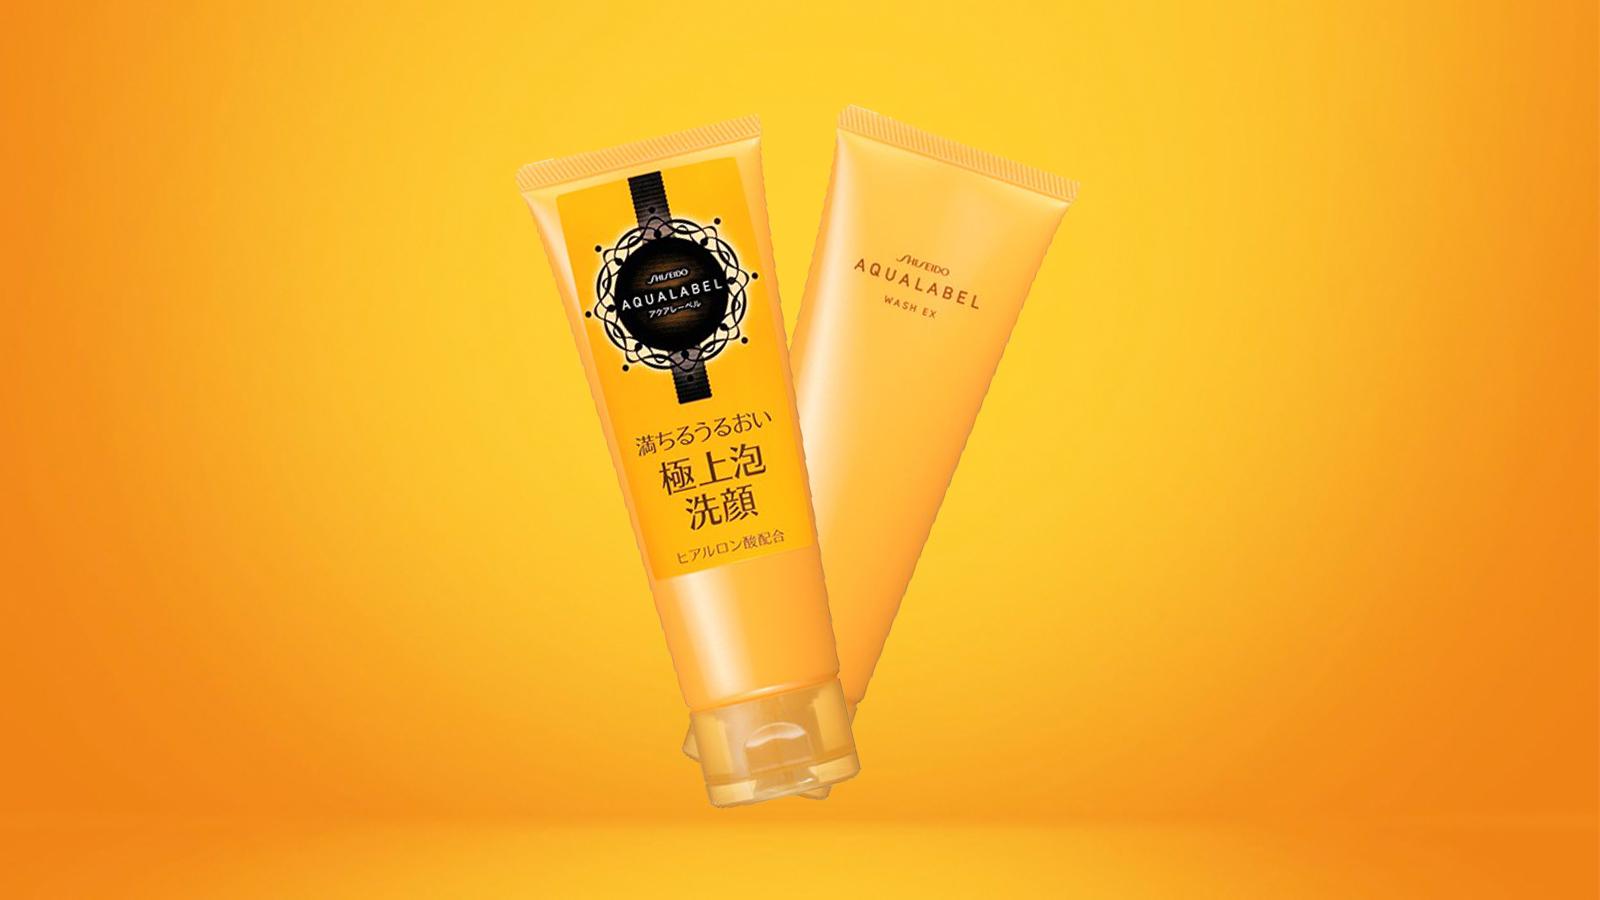 Sữa rửa mặt Shiseido Aqualabel Wash EX màu vàng 110g